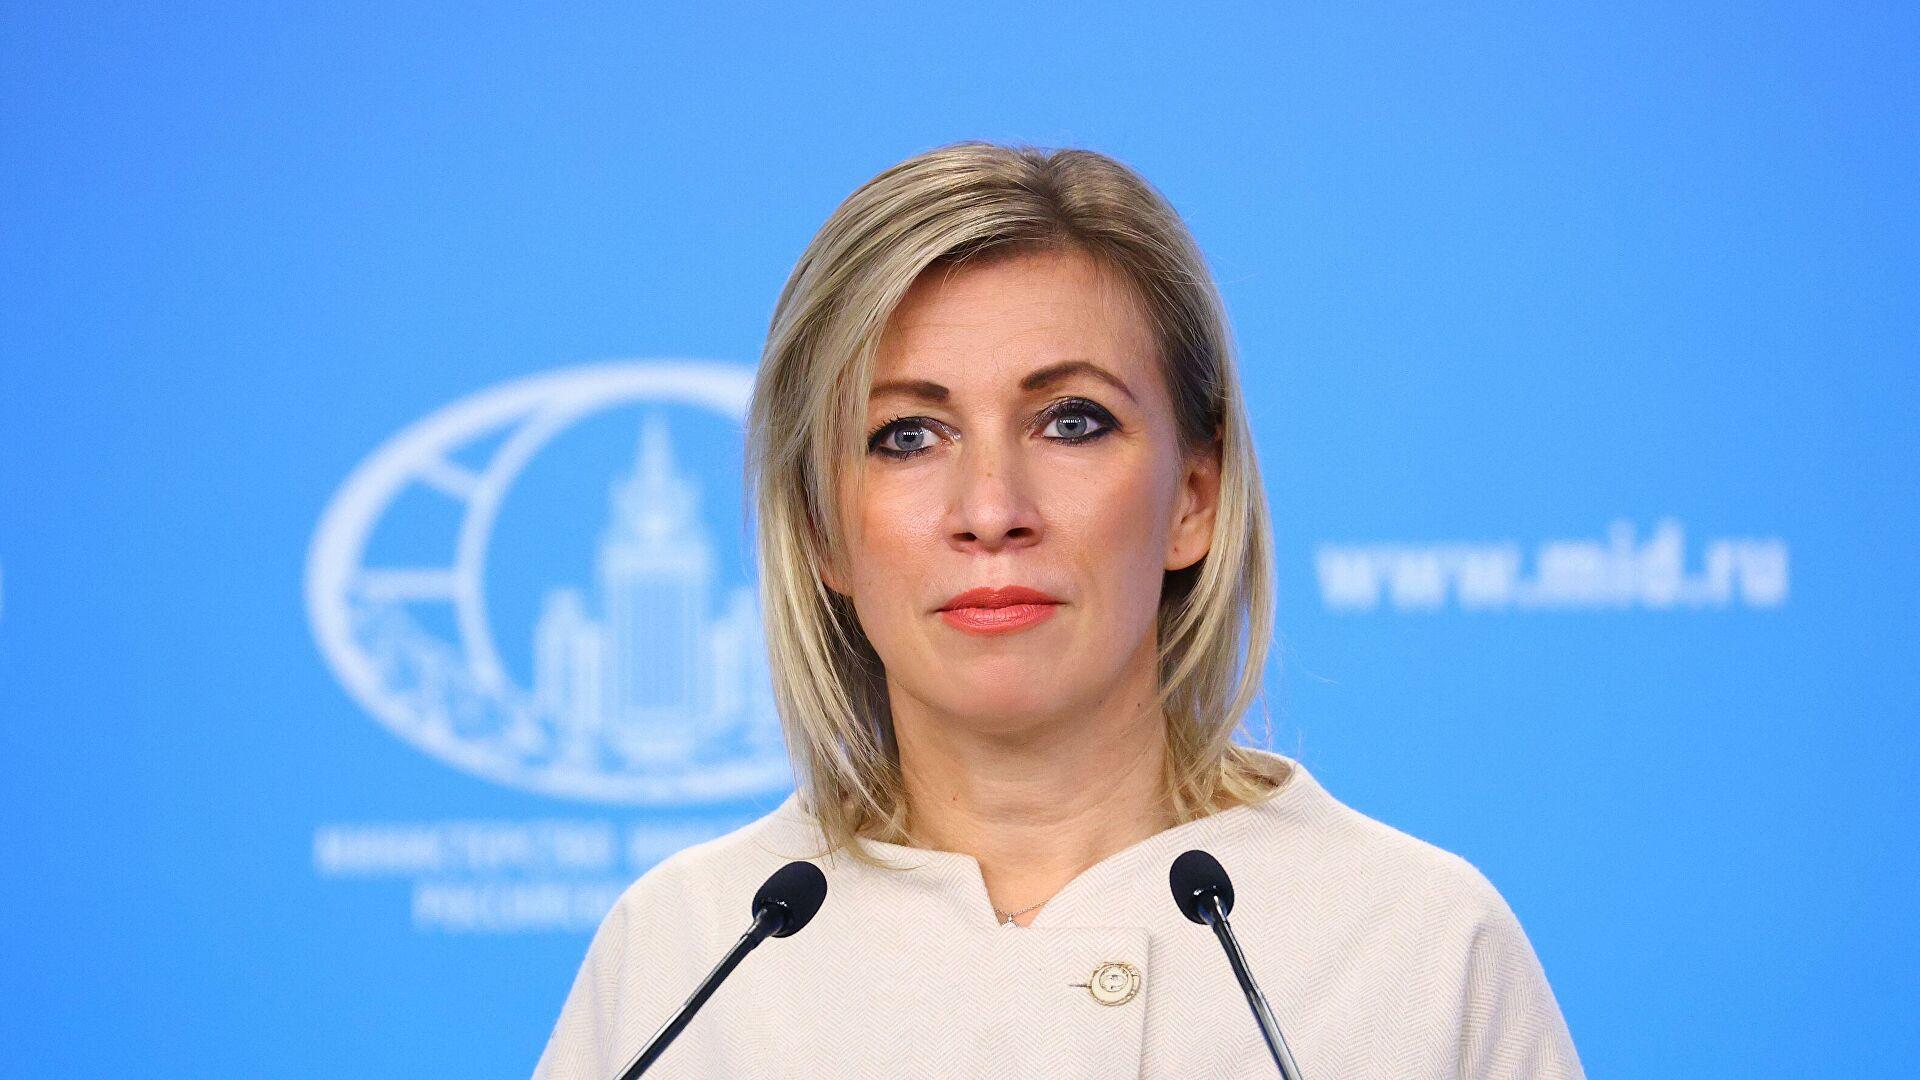 Захарова: Украјина треба да размишља о вакцинацији свог народа, а не о развоју нуклеарног оружја